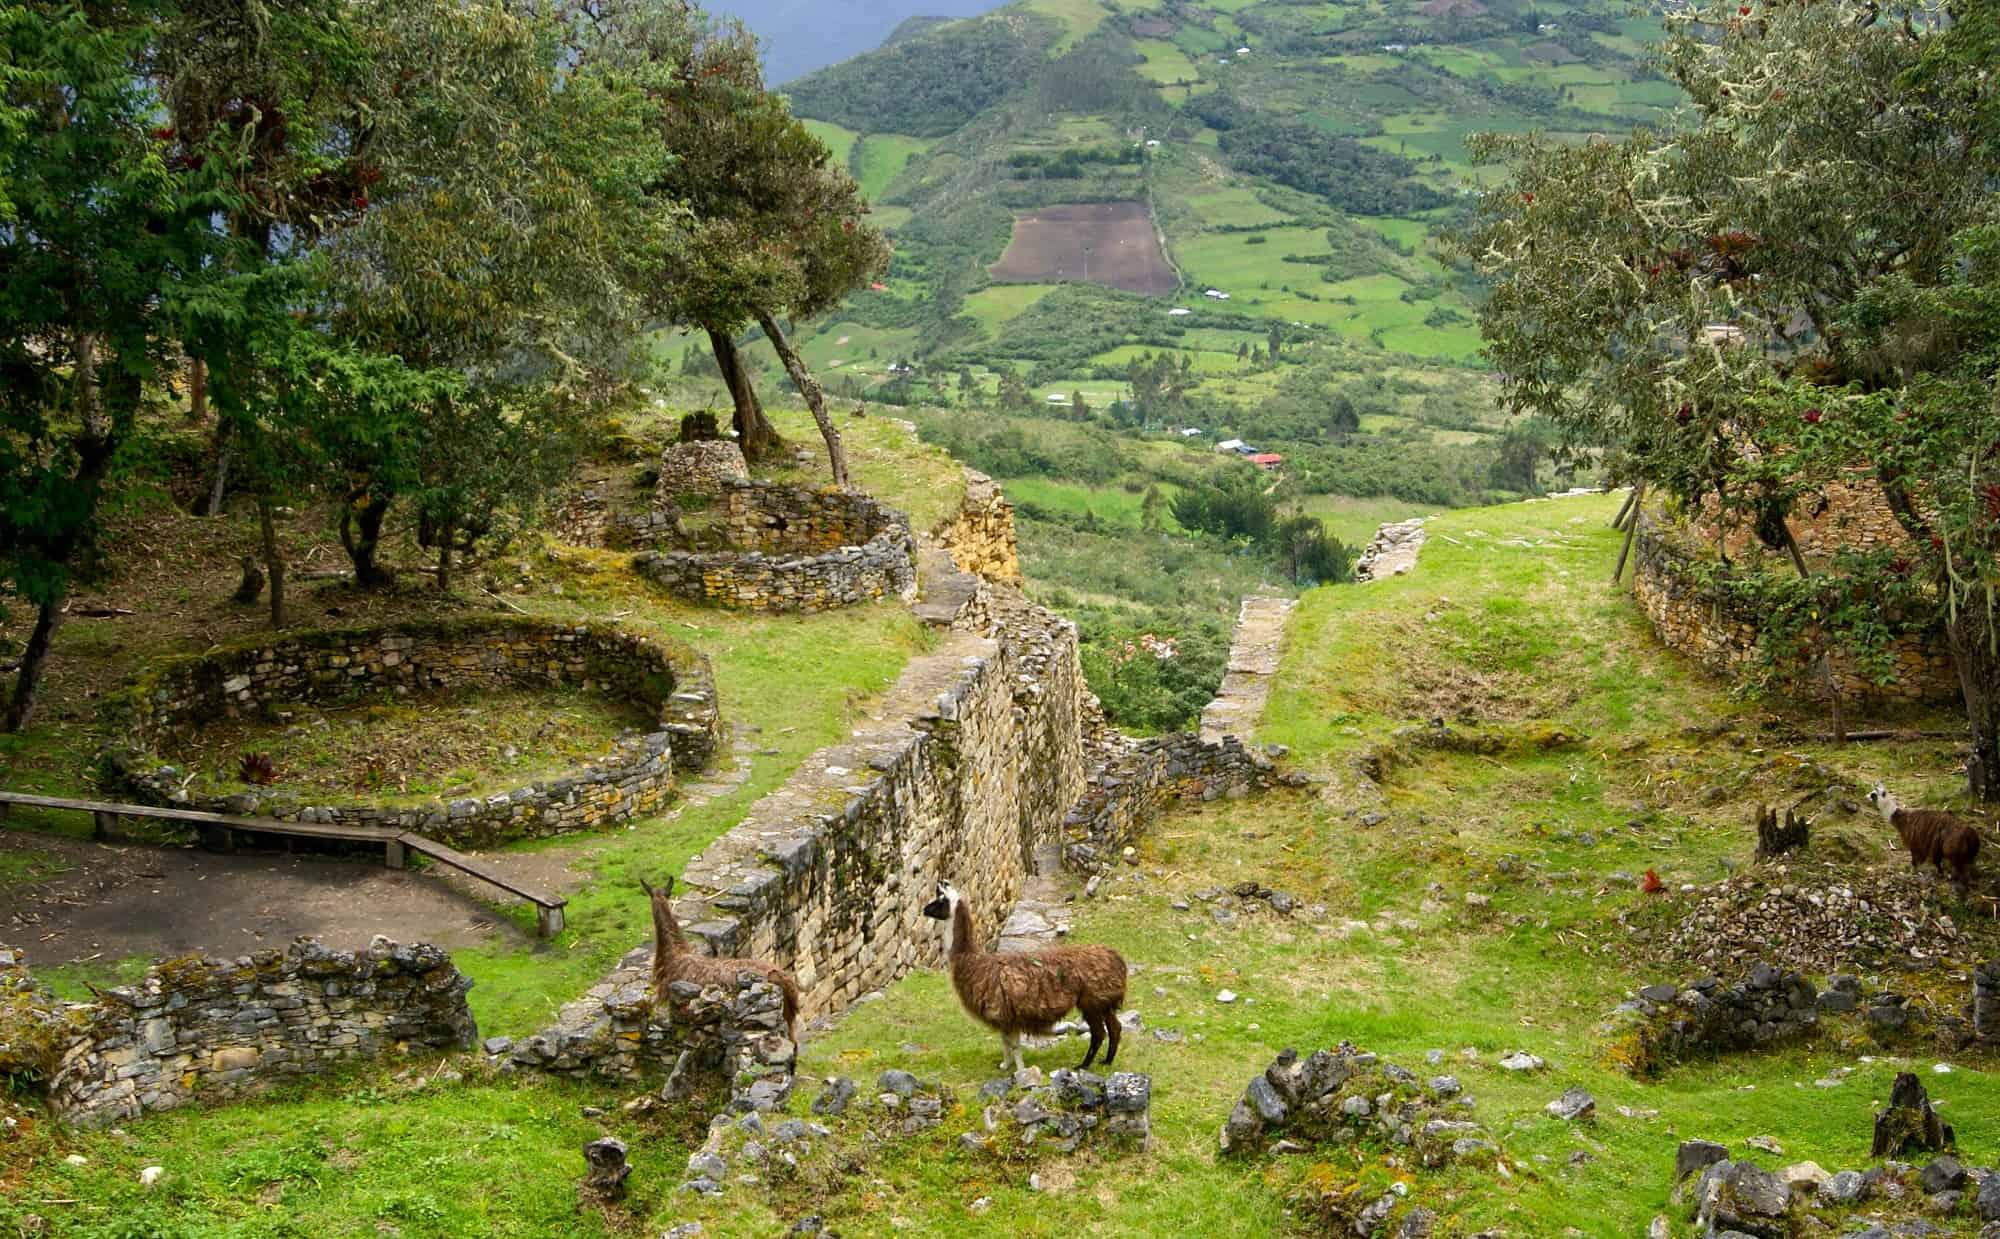 Binnenlandse vluchten naar Kuélap in Peru